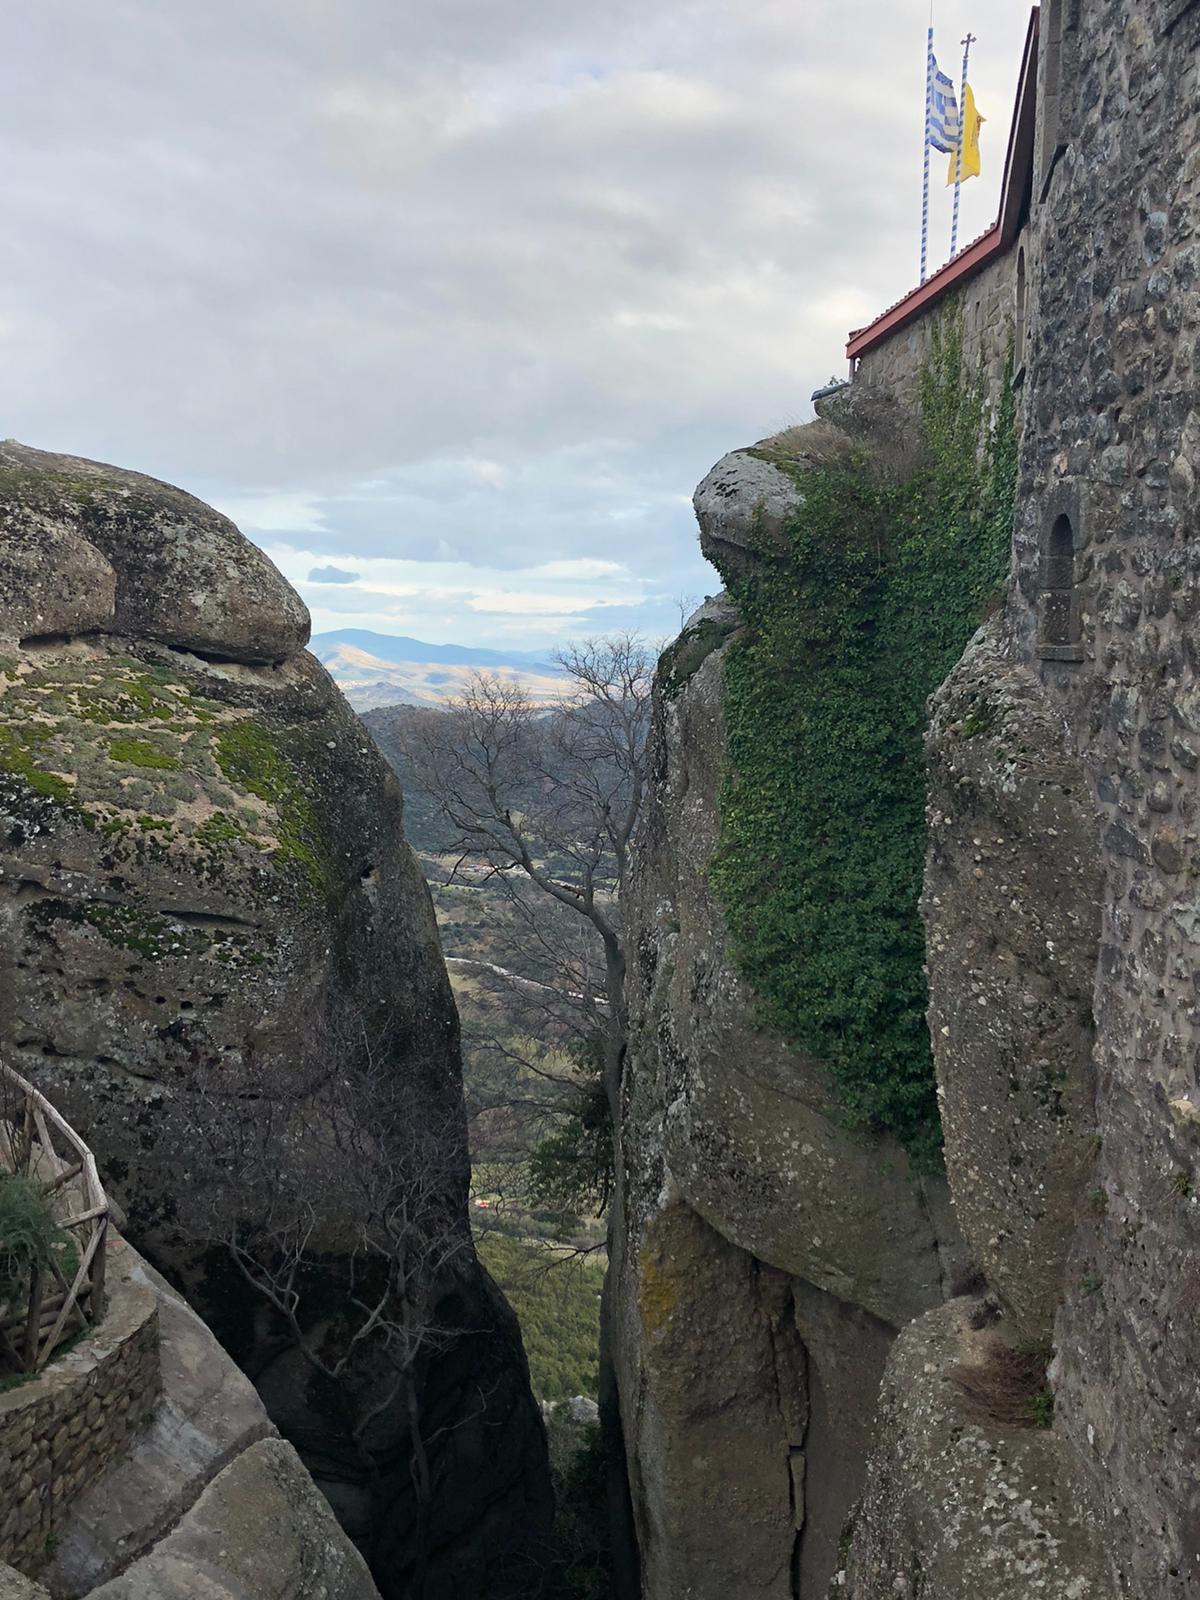 Diario de viaje: Erasmus + en Grecia. Subimos al cielo en Meteora